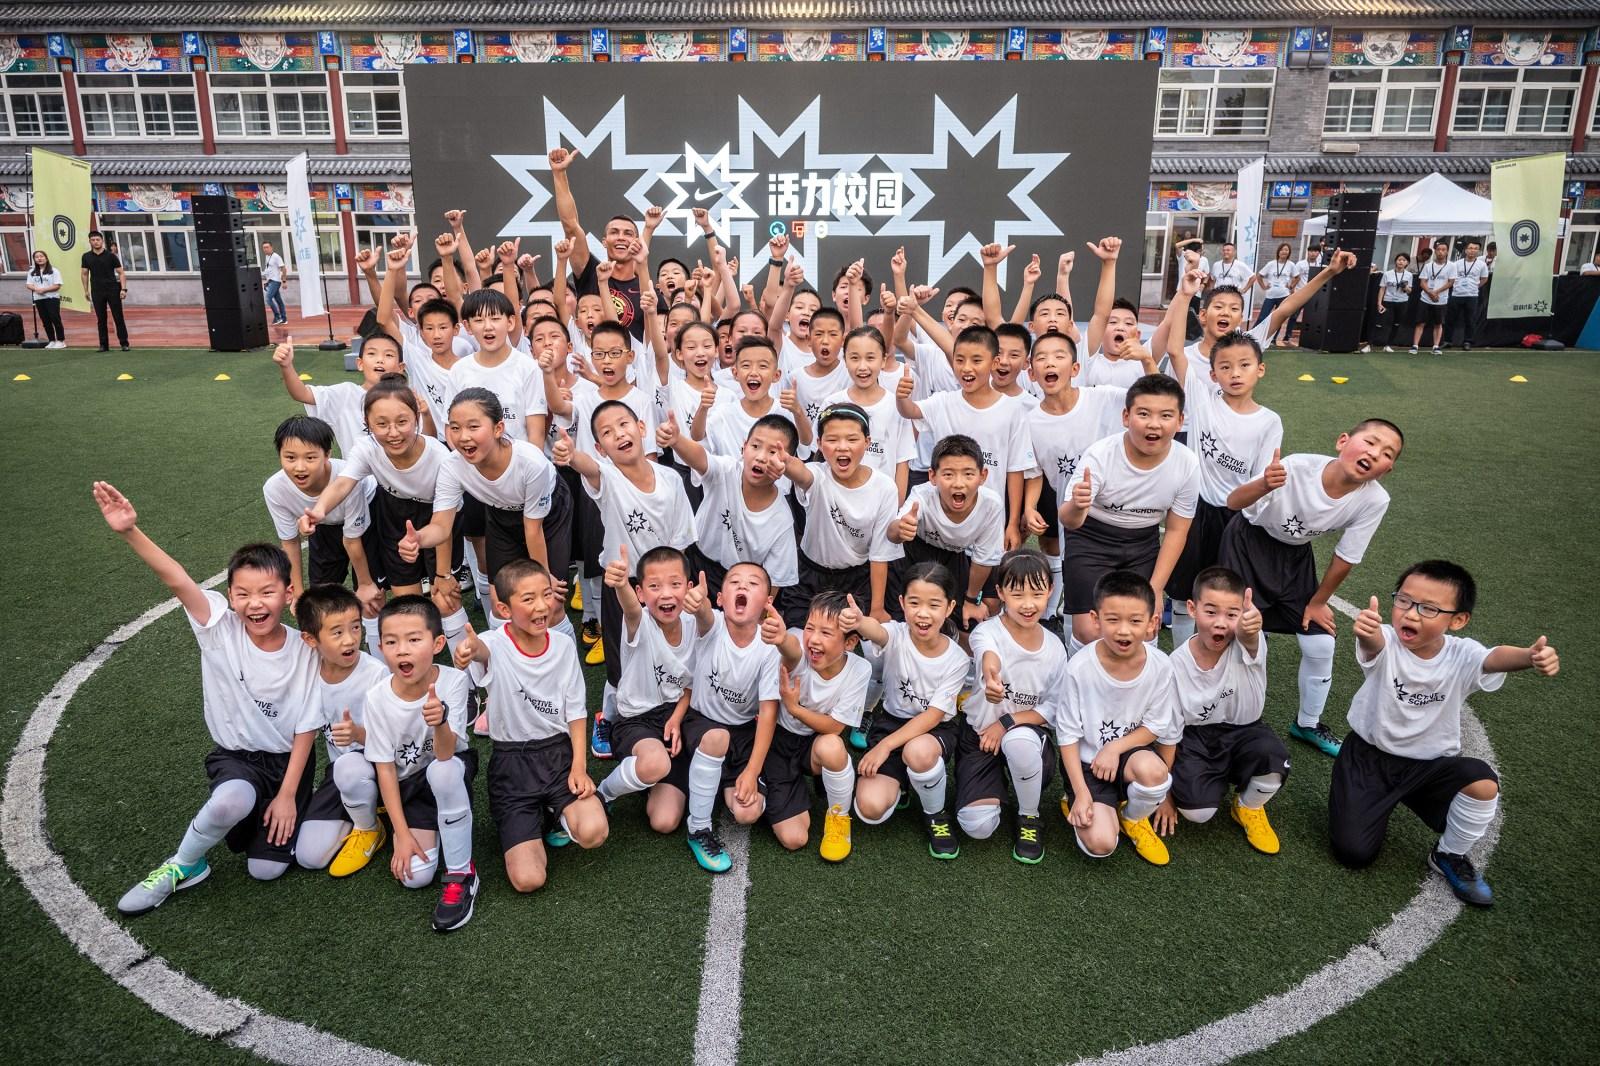 直擊 Cristiano Ronaldo 2018「全憑我敢」中國行活動